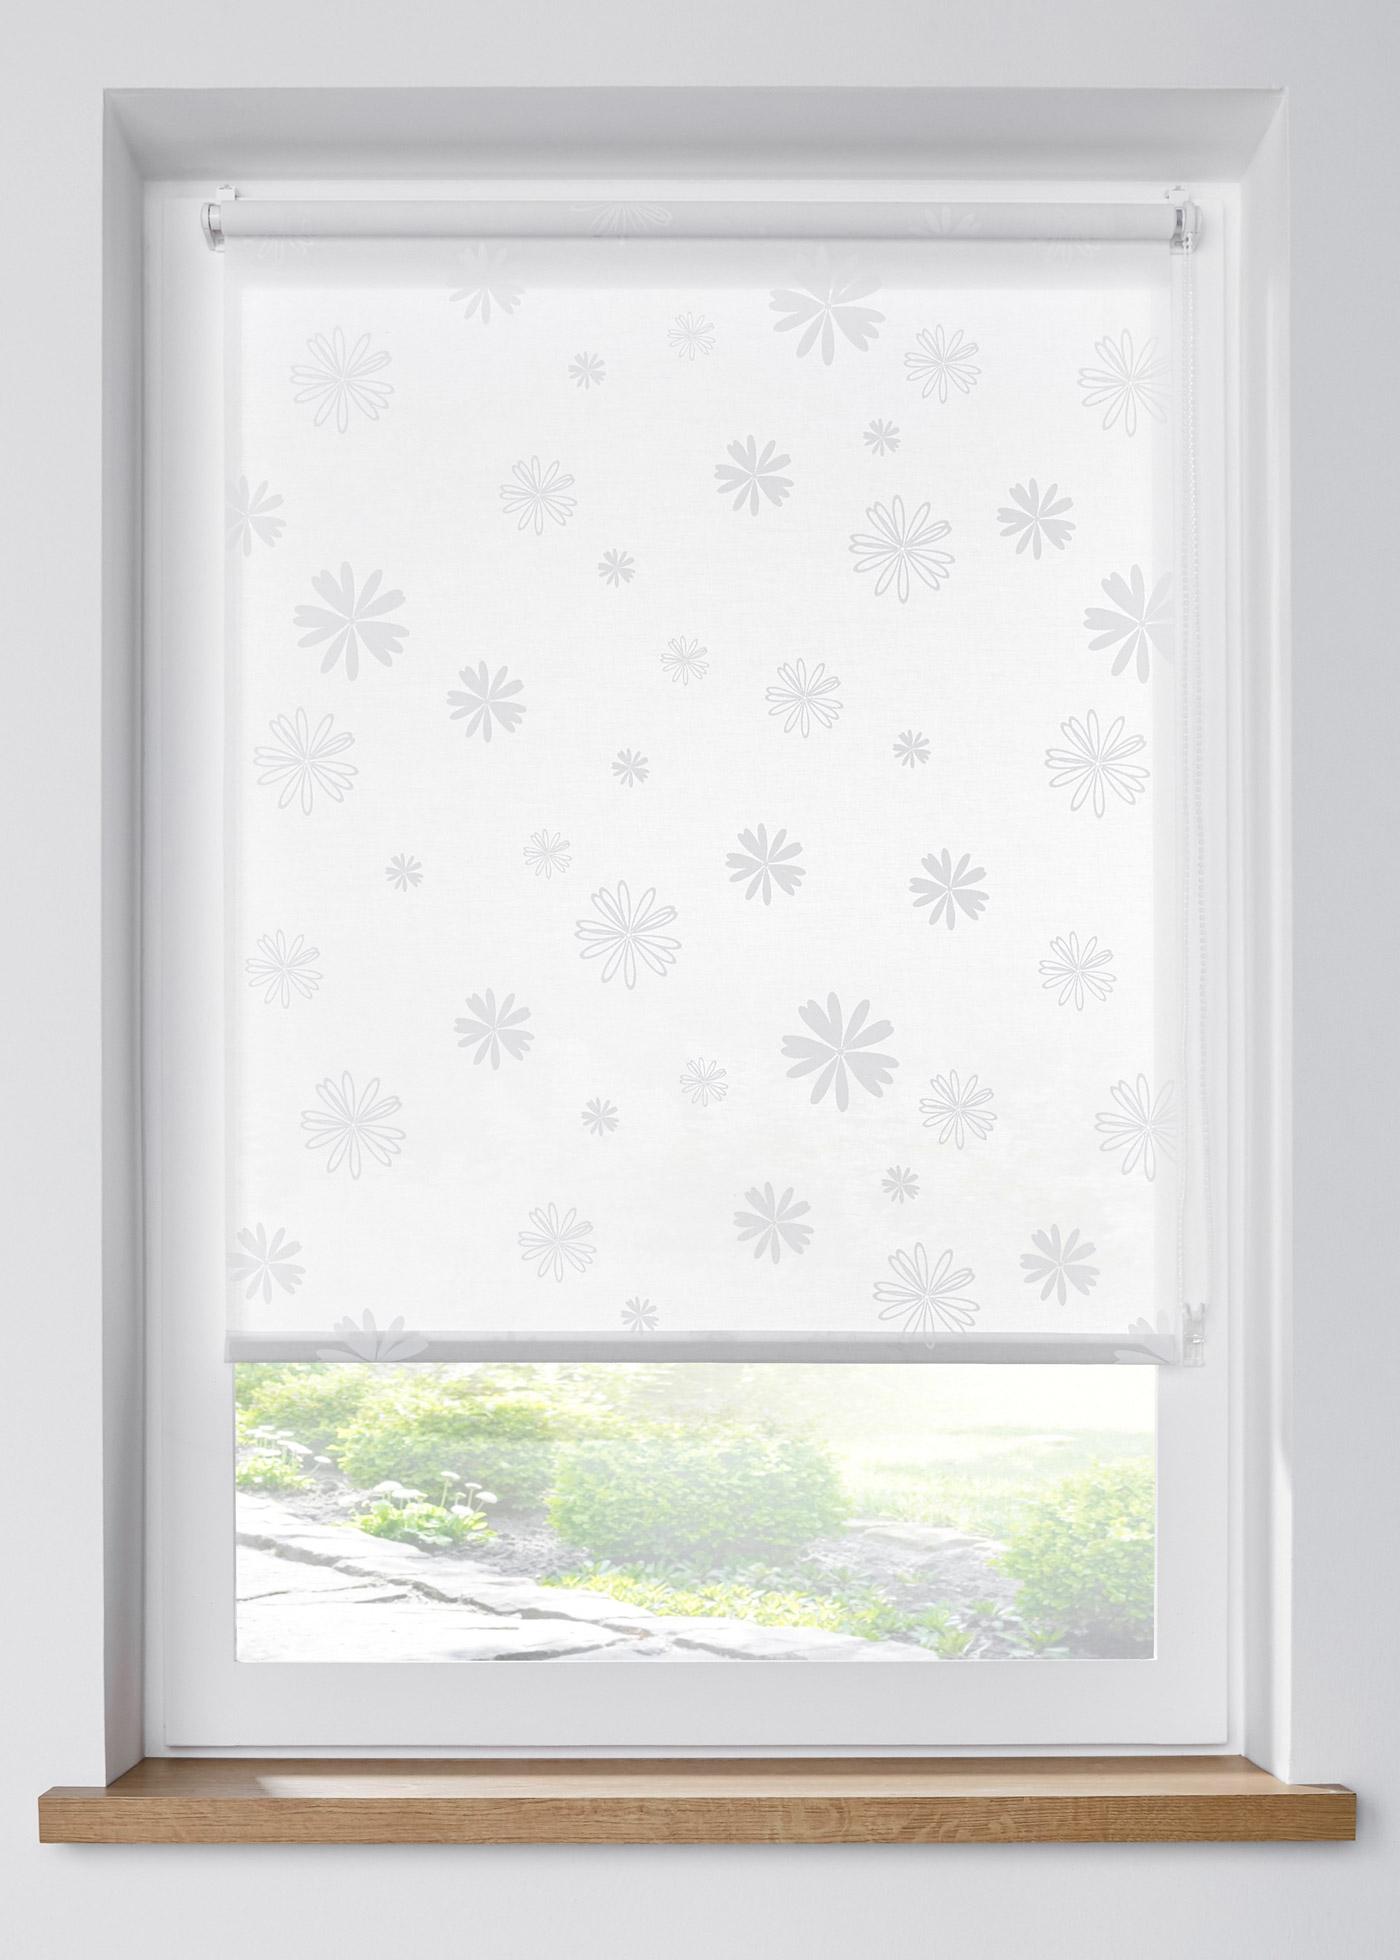 Sichtschutzrollo mit Blumen Druck in weiß von bonprix